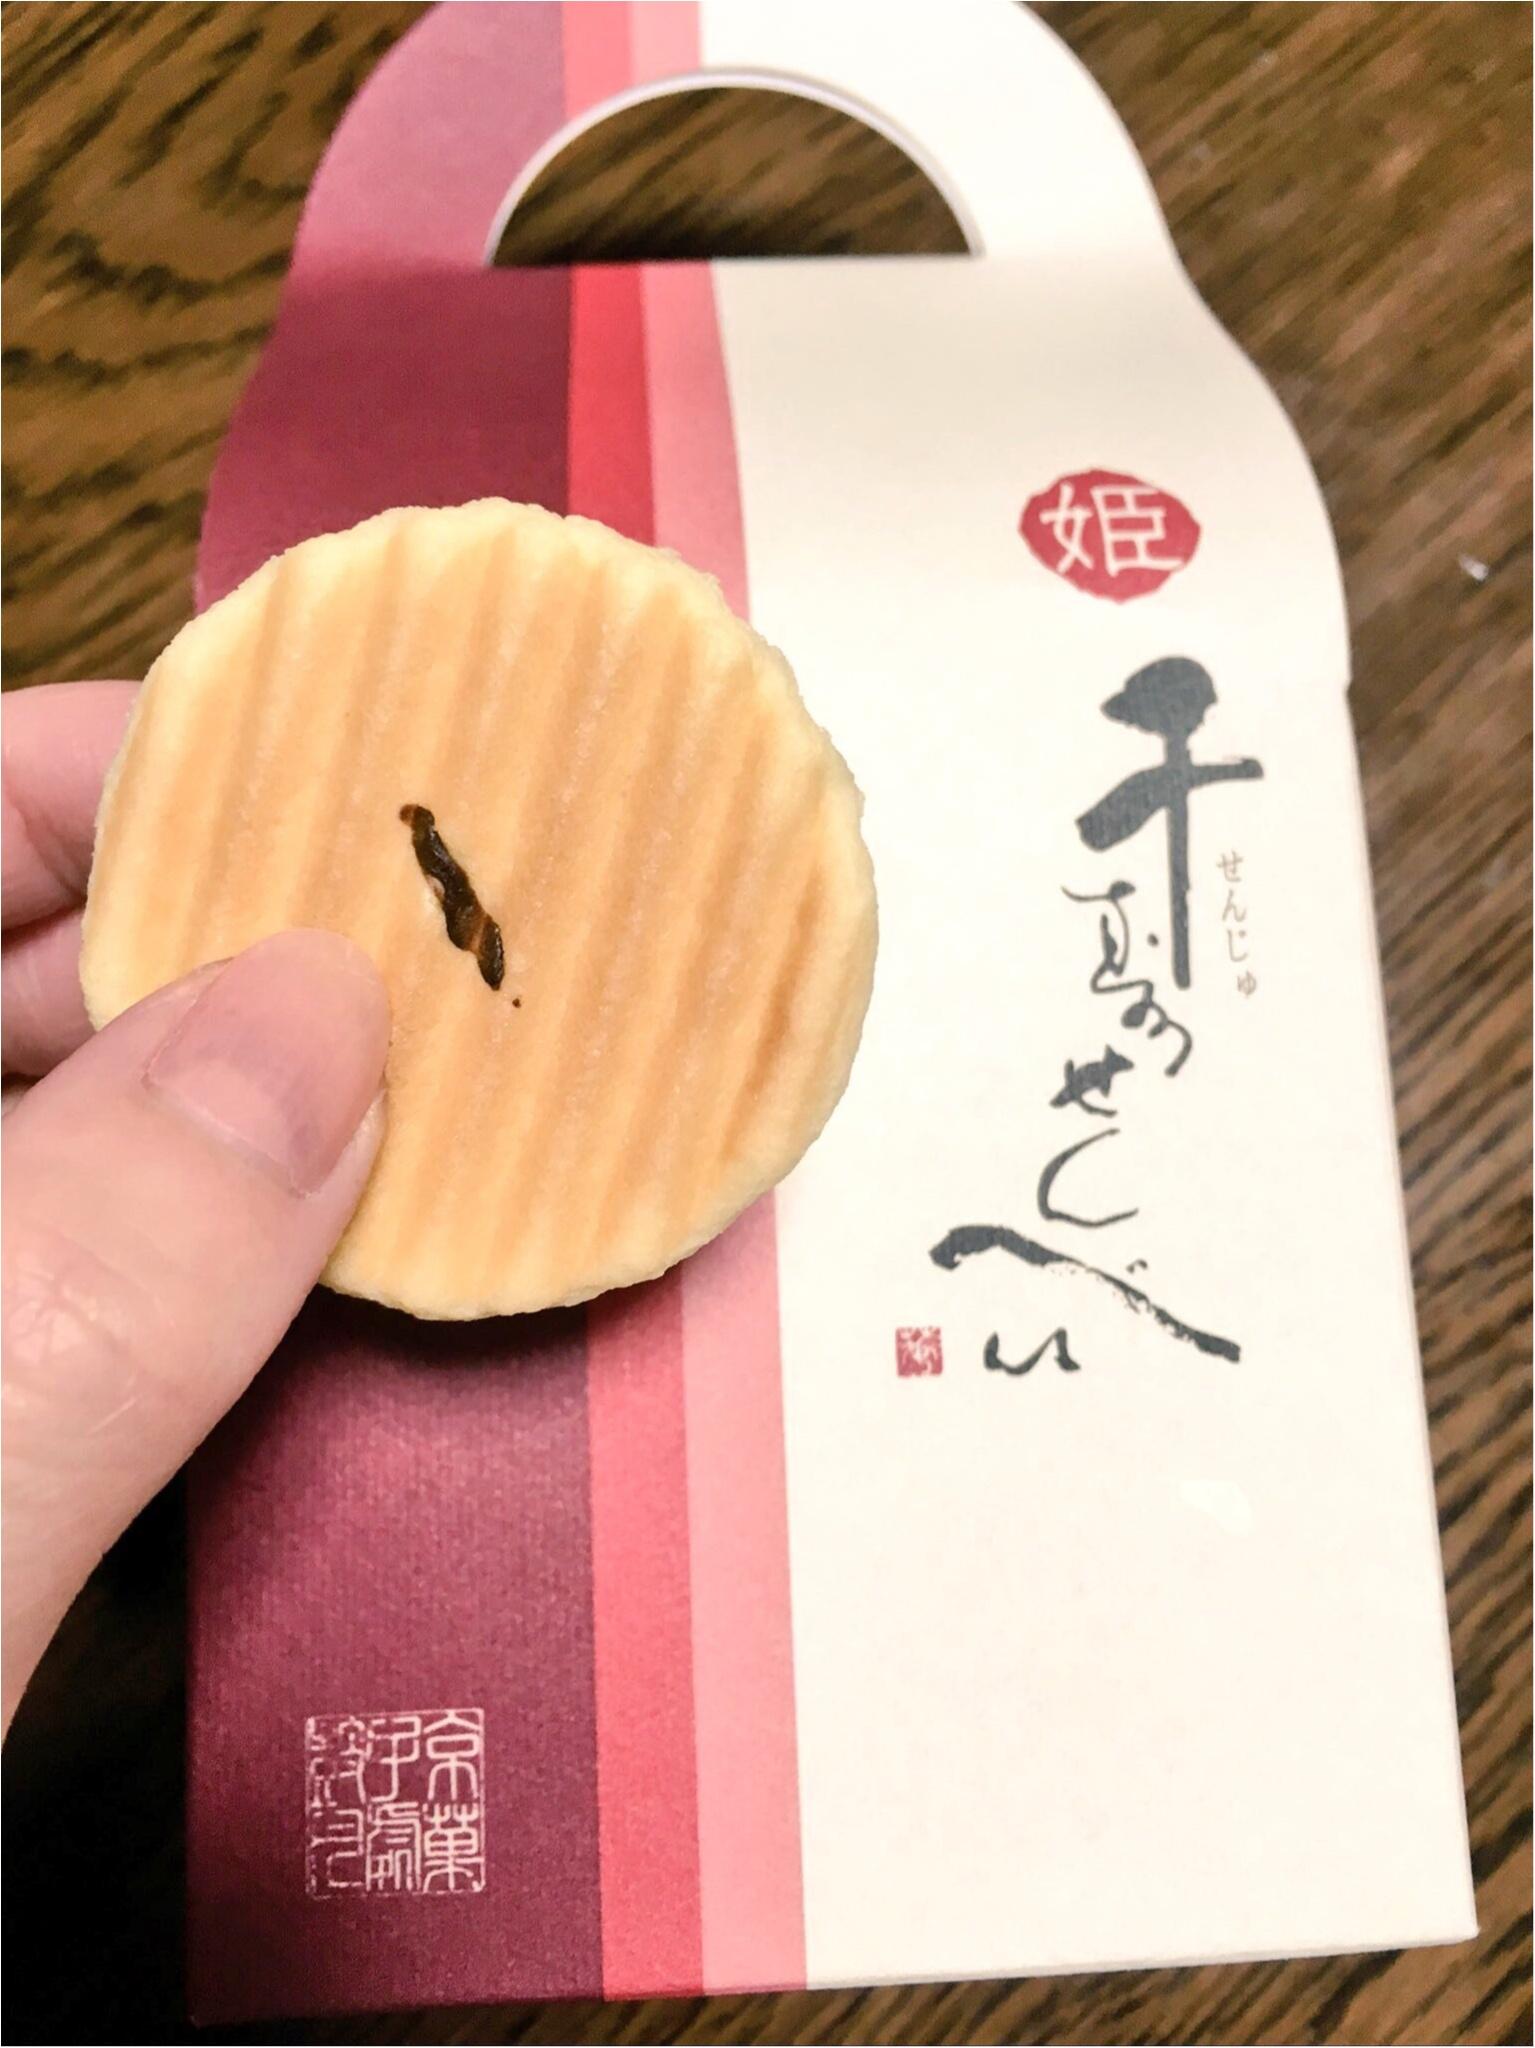 『姫千寿せんべい』!?かわいさとおいしさがぎゅっと詰まったスモールサイズの定番お菓子が気になる♡_2